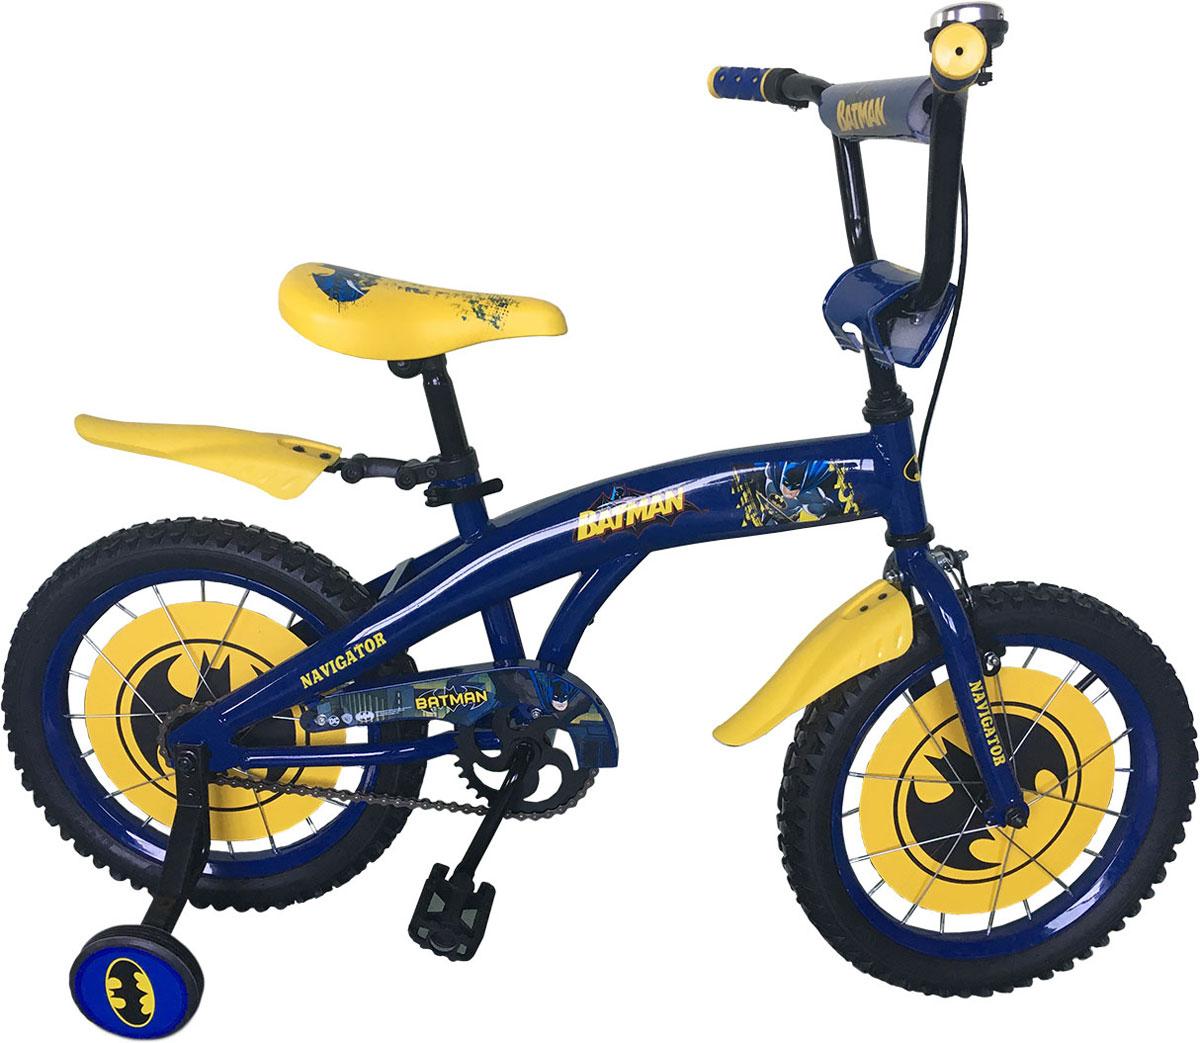 Велосипед детский Navigator Batman, цвет: синий. ВН16116 велосипед двухколесный navigator superman 16